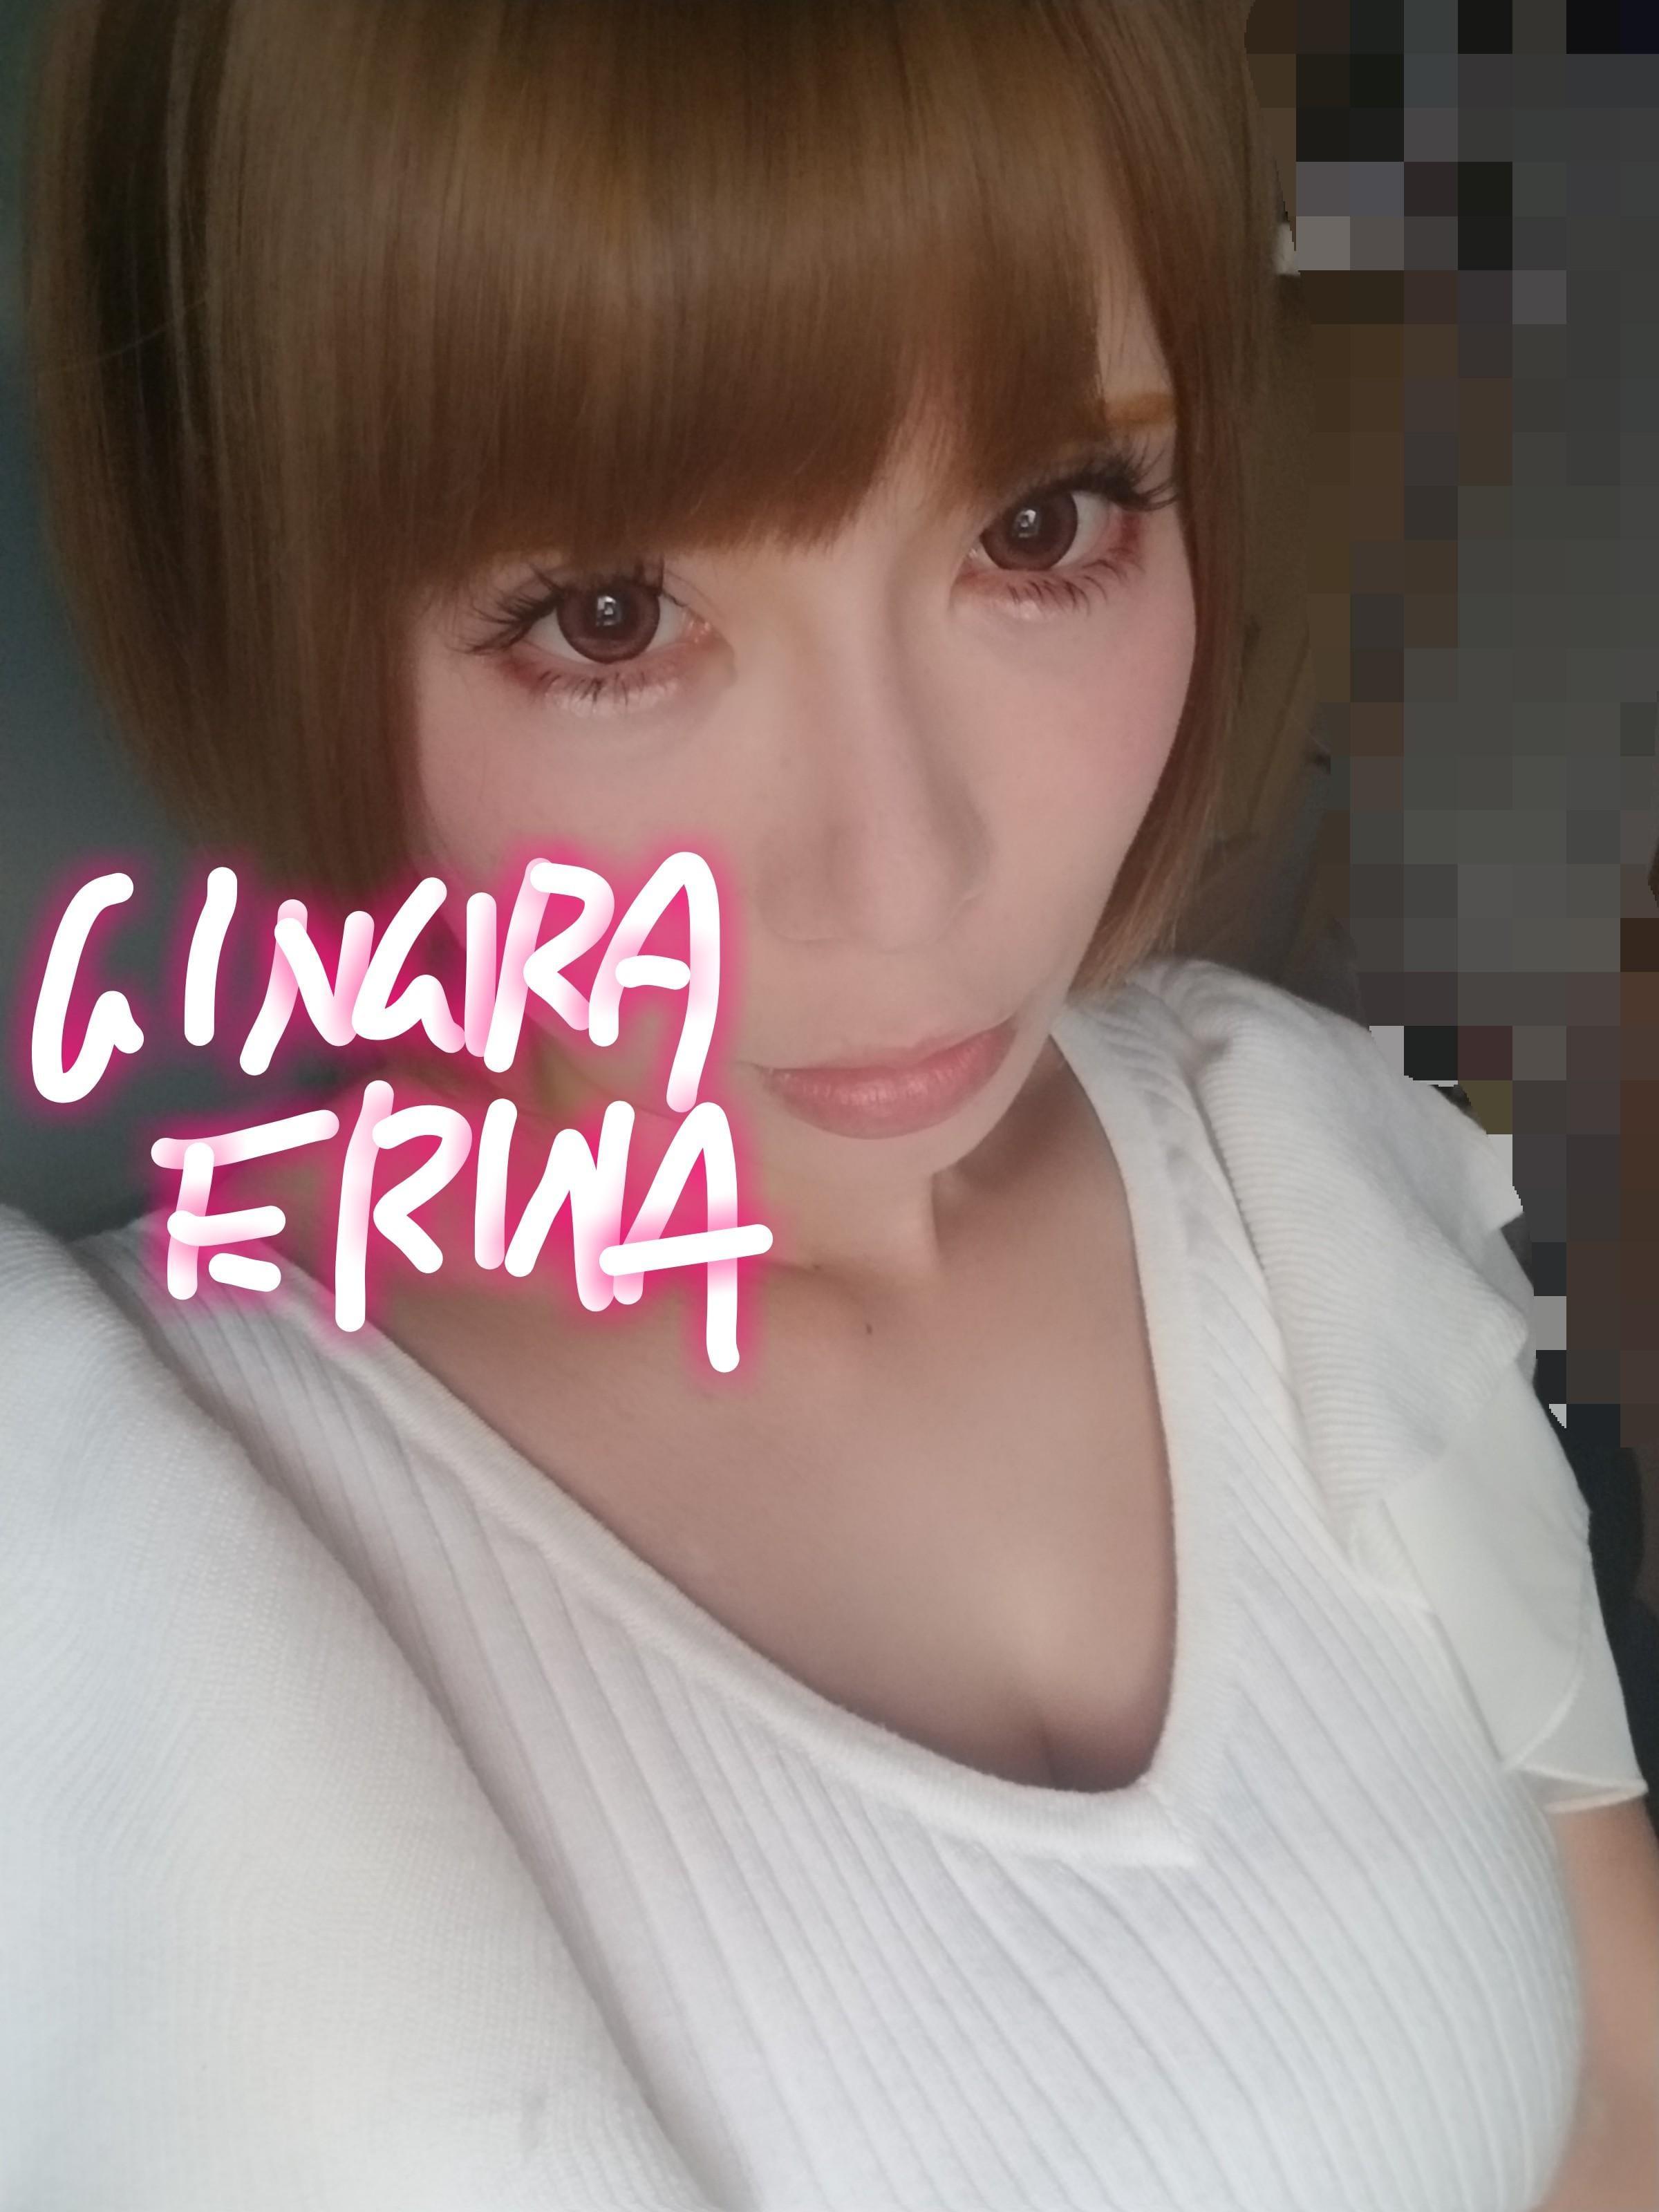 「昨日久々に…」10/10(水) 09:49 | ERINAの写メ・風俗動画